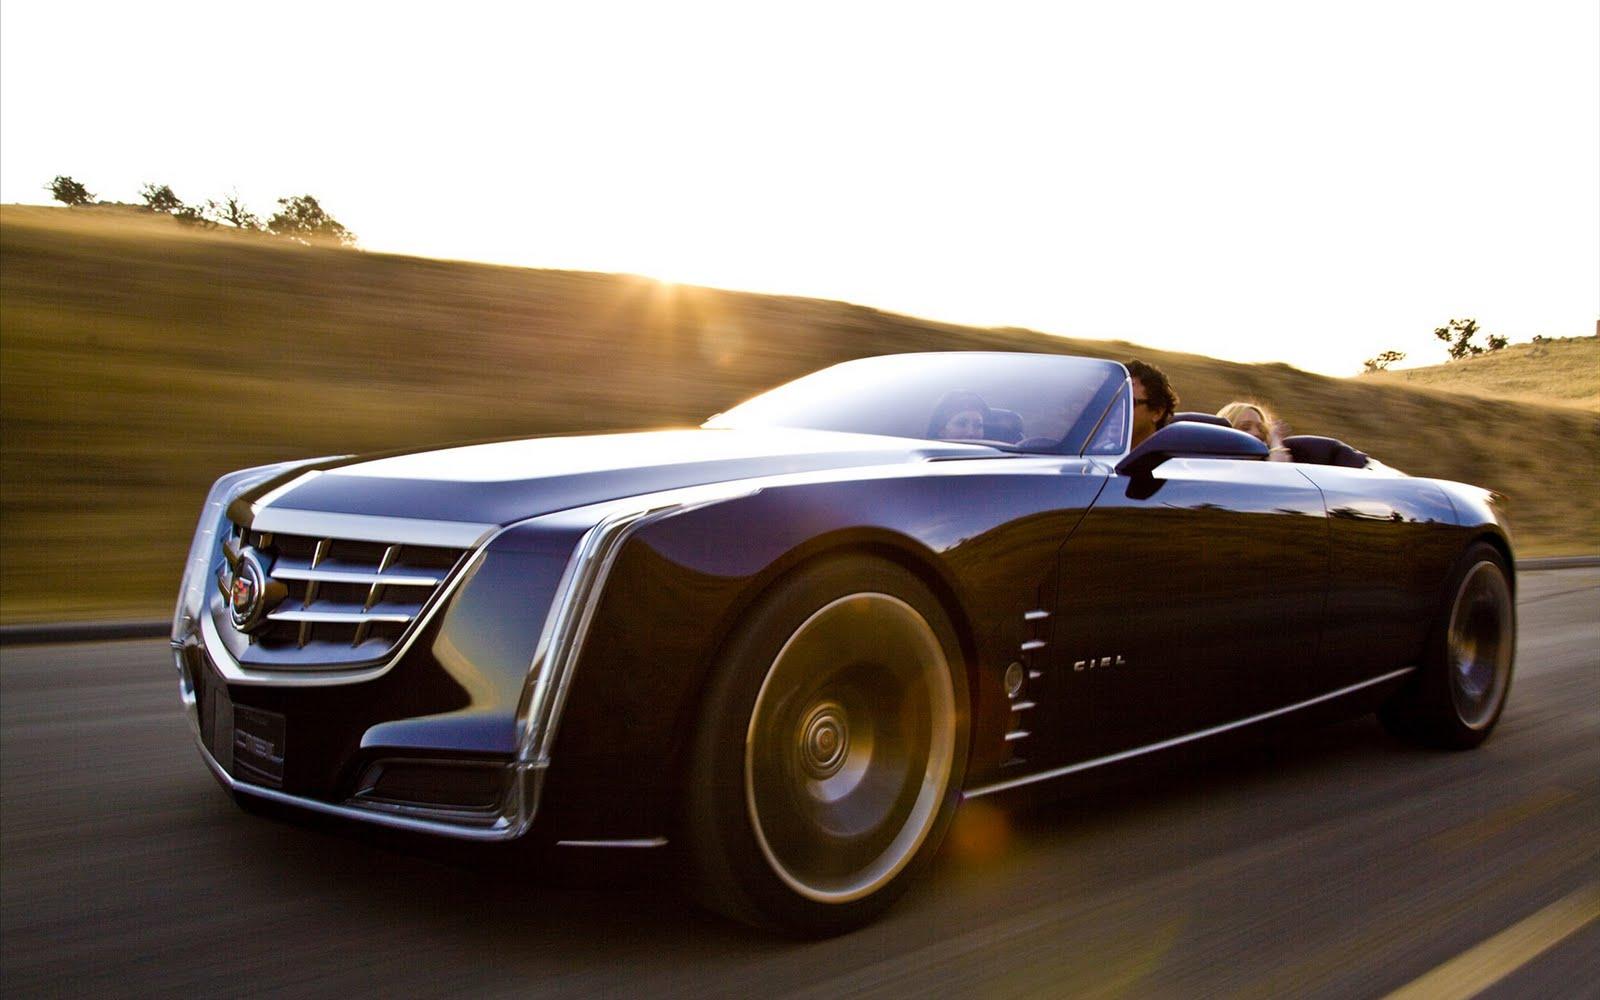 http://4.bp.blogspot.com/-h6_Um6-2vTg/TlFmD8FN8EI/AAAAAAAAAw8/7fHEACHrS2g/s1600/Cadillac-Ciel-Concept-2011-widescreen-01.jpg